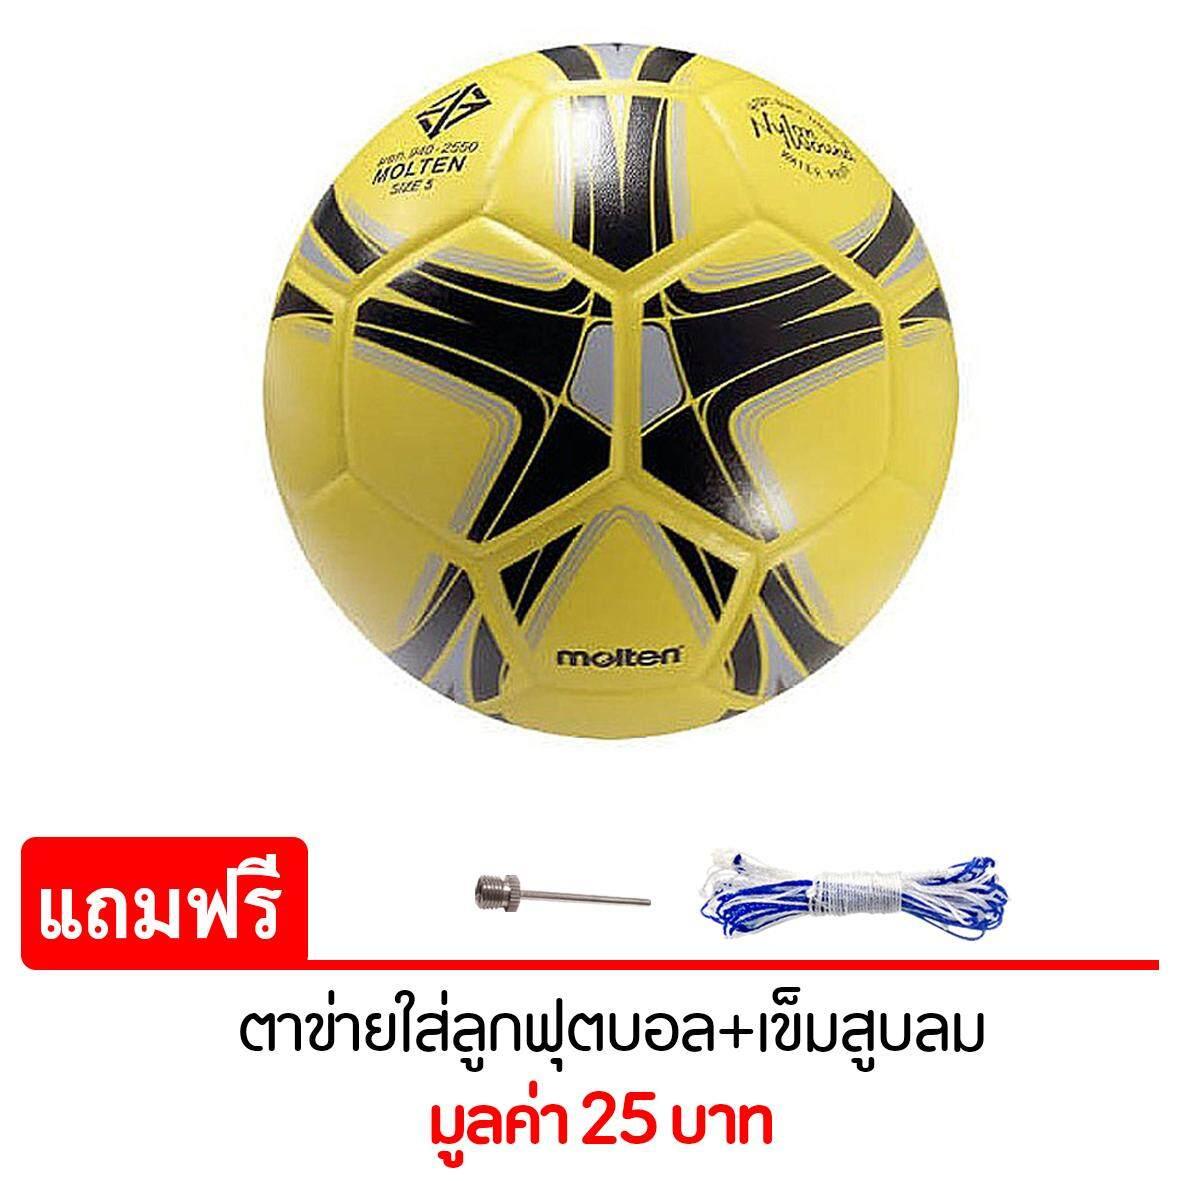 ยี่ห้อนี้ดีไหม  MOLTEN ฟุตบอลFootball MOT PVC F5Y1505 YK เบอร์5 แถมฟรี ตาข่ายใส่ลูกฟุตบอล + เข็มสูบลม